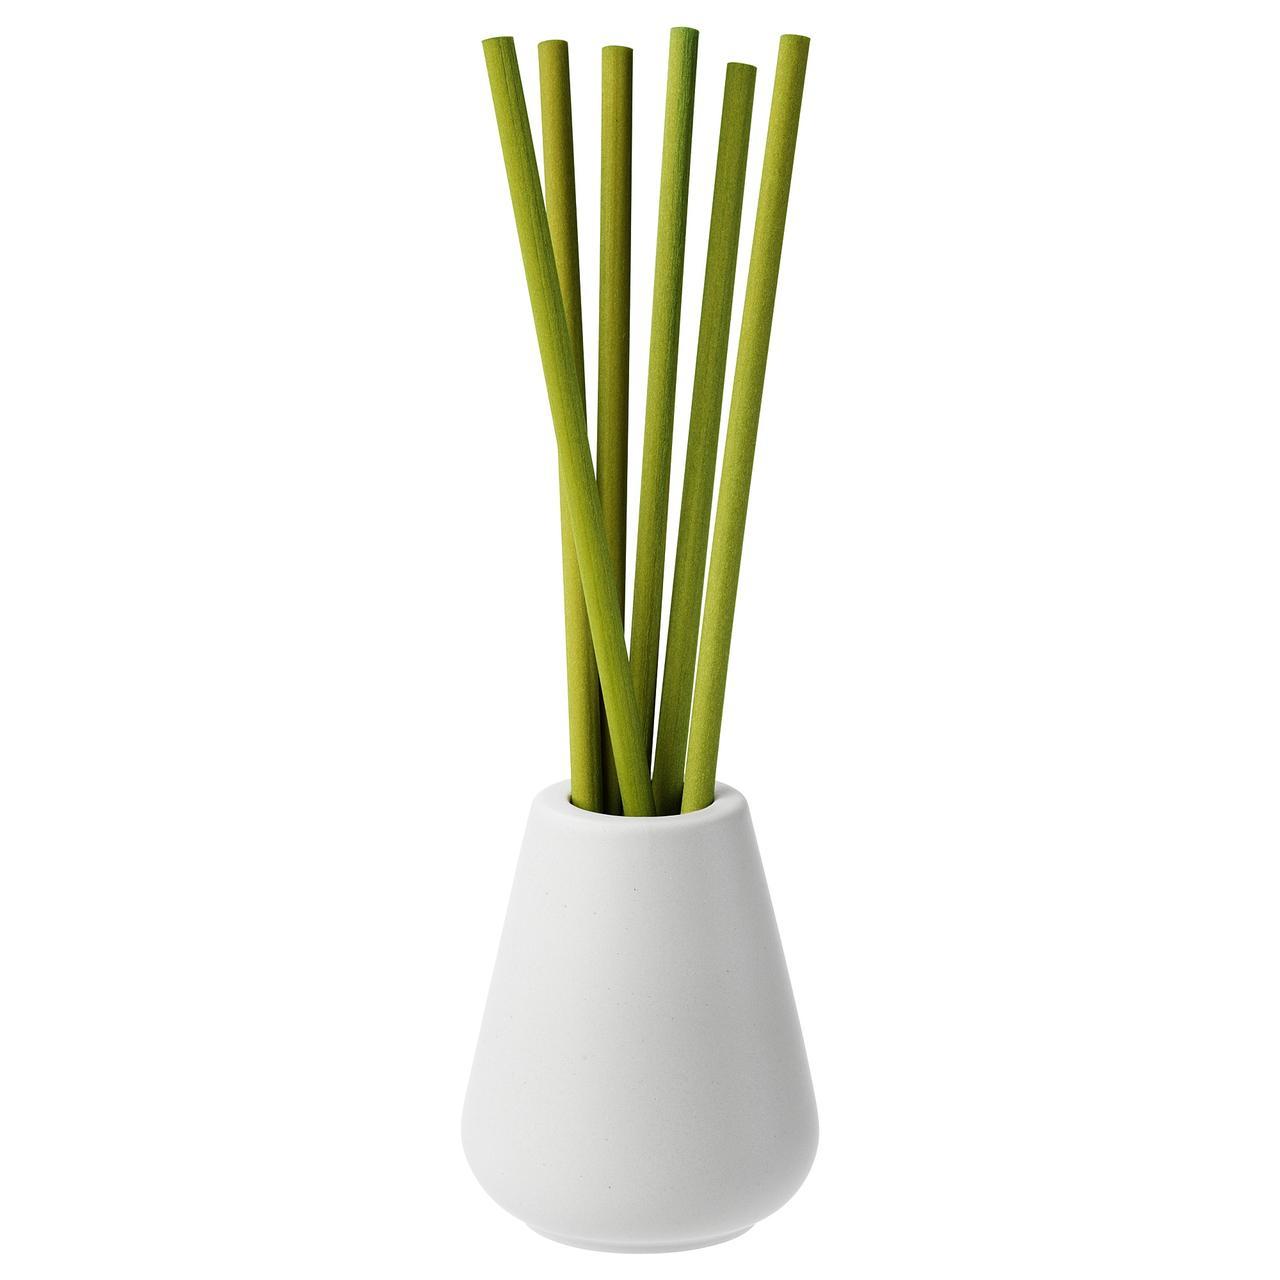 НЬЮТНИНГ Ваза и 6 ароматических палочек, Травы, зеленый